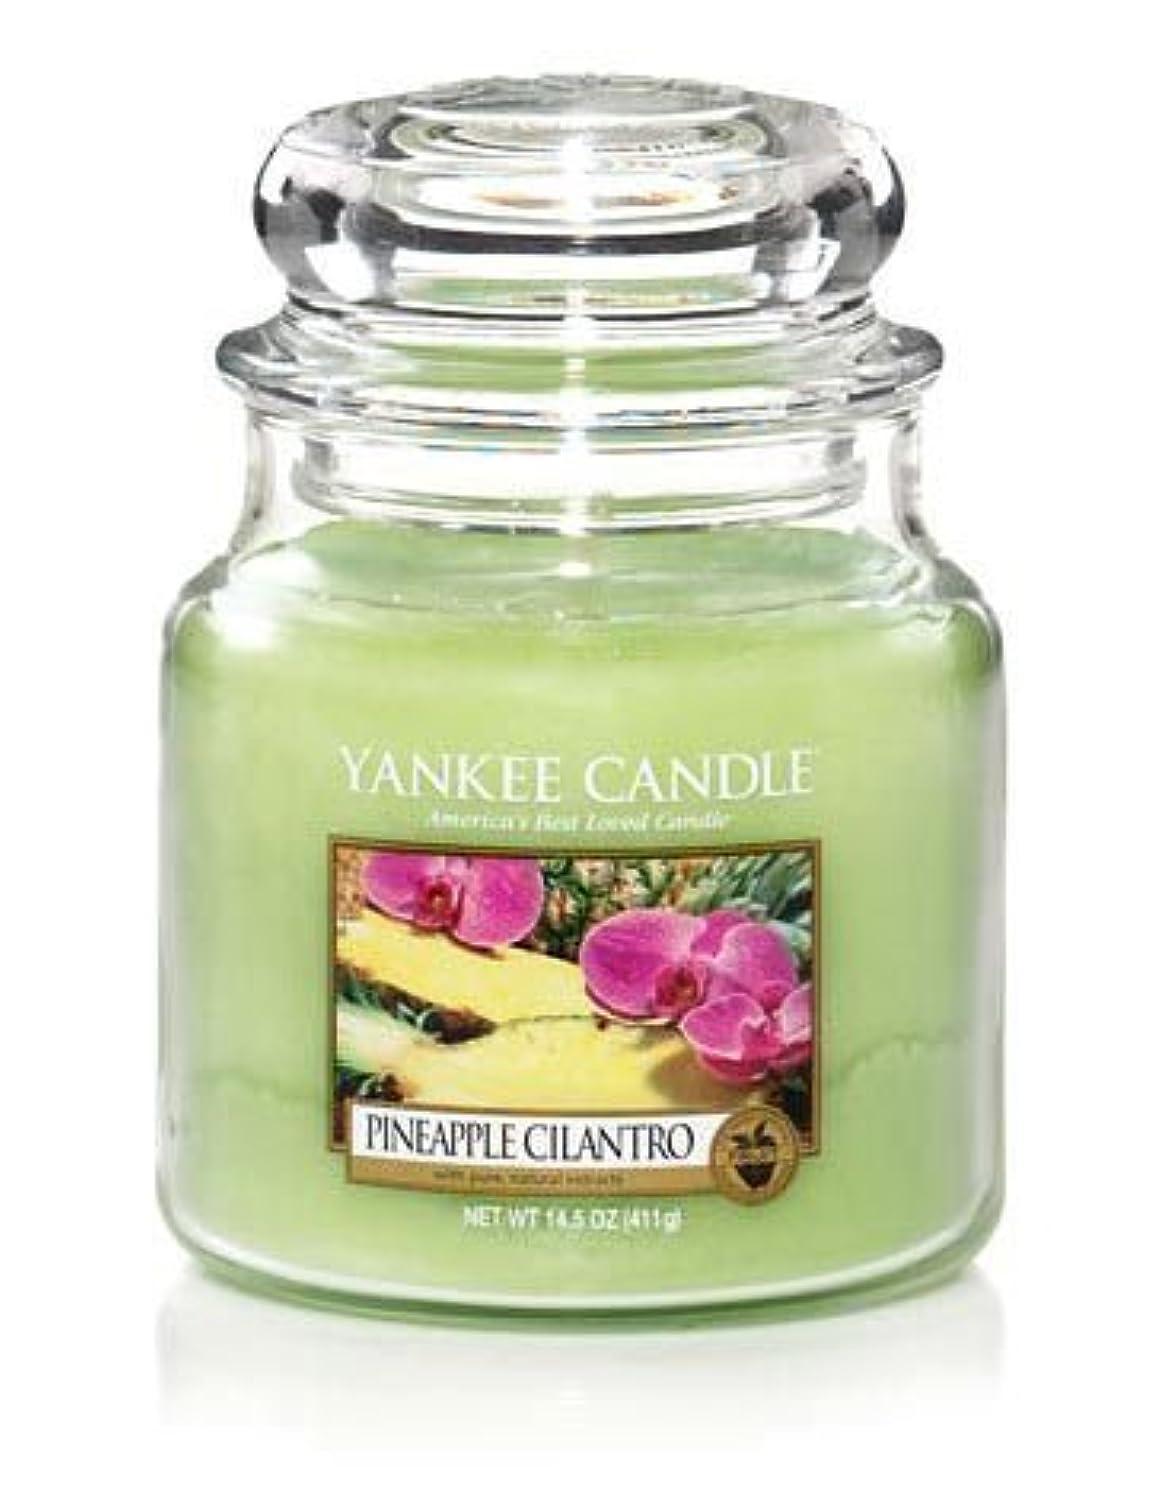 終了するそんなに文字Yankee Candle Pineapple Cilantro Medium Jar 14.5oz Candle by Amazon source [並行輸入品]